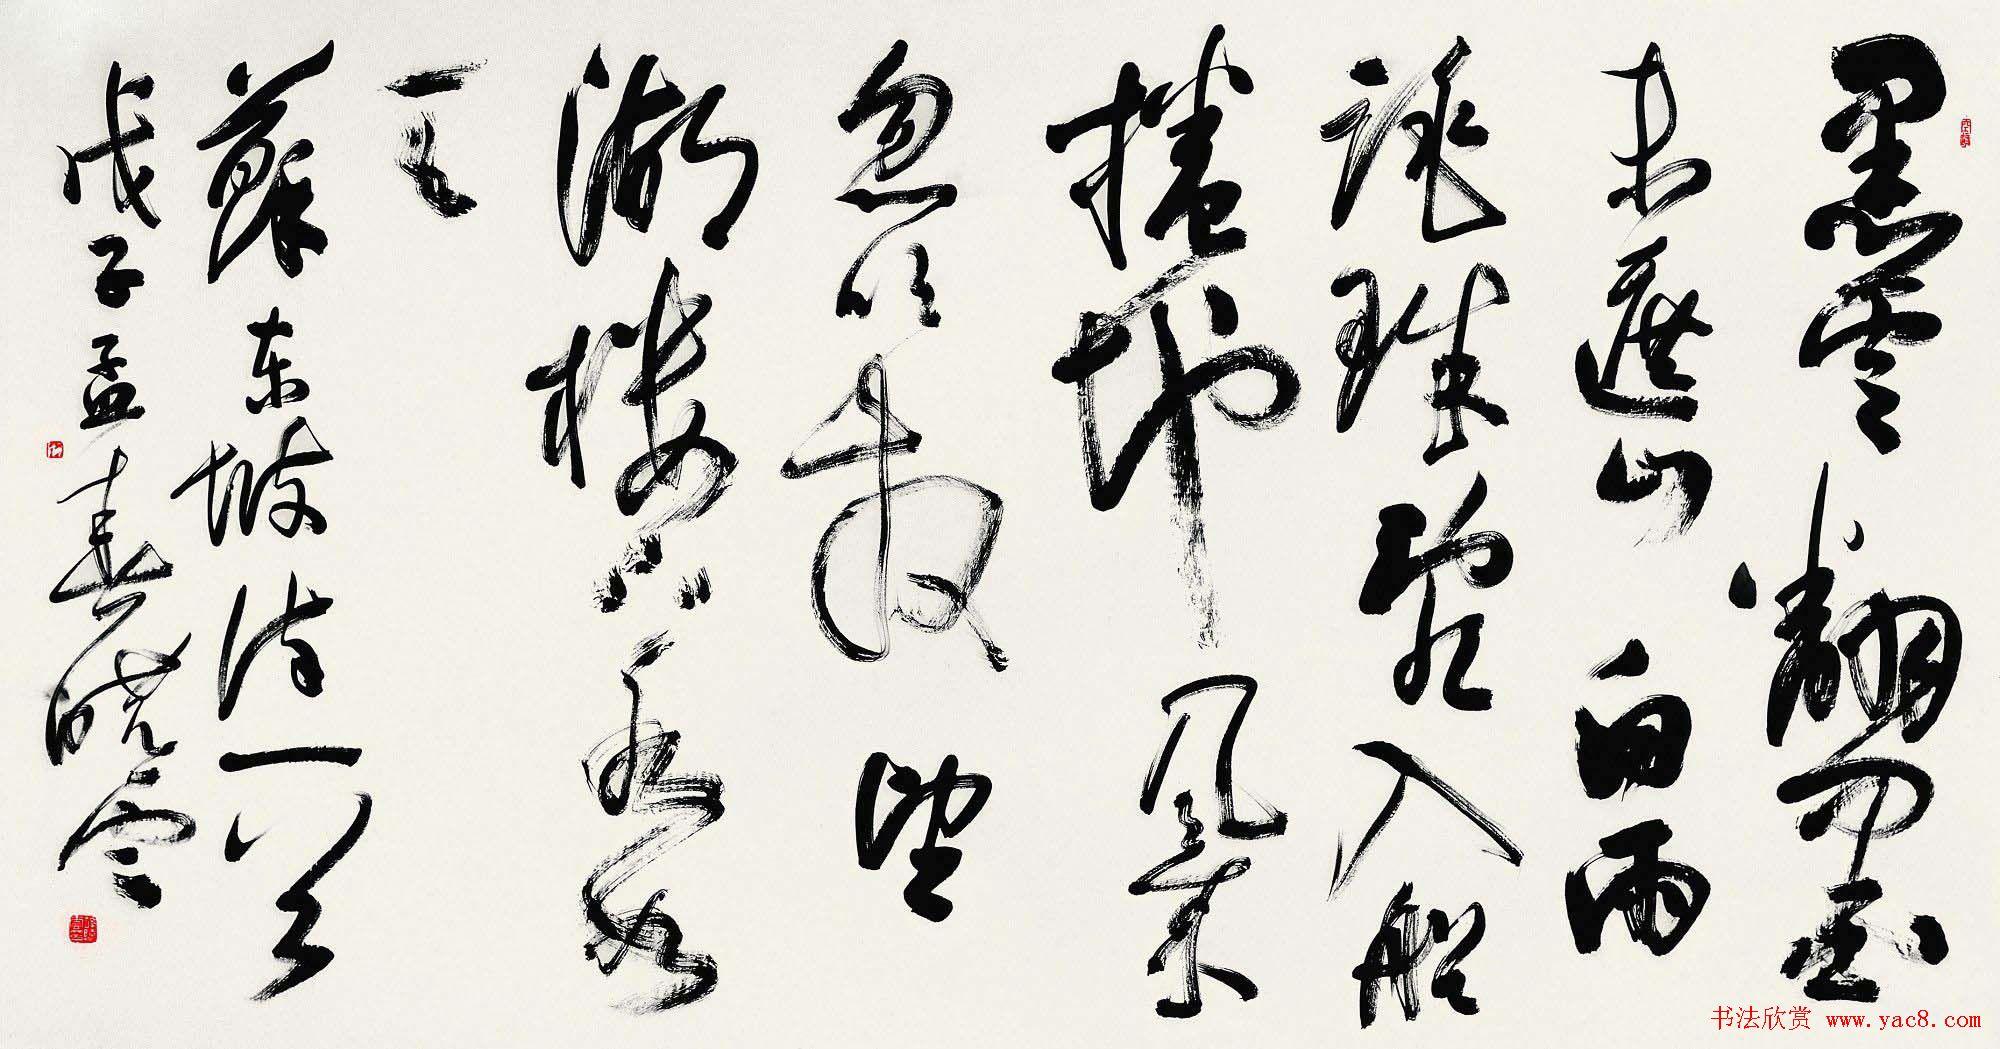 孙晓云书法作品展示专辑 第12页 毛笔书法书法欣赏图片